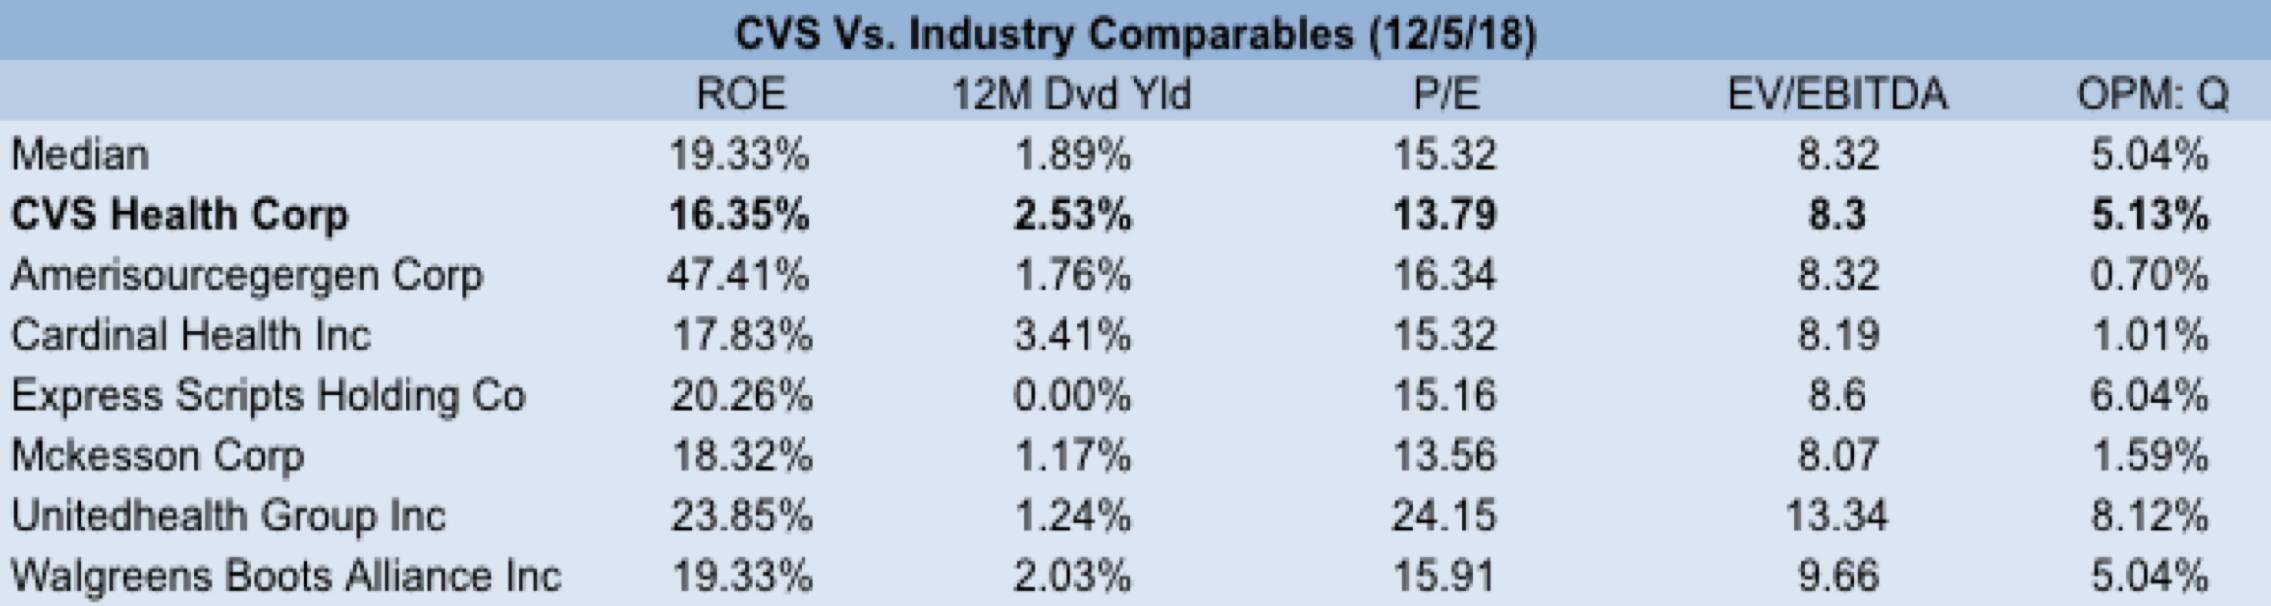 cvs debt to equity ratio